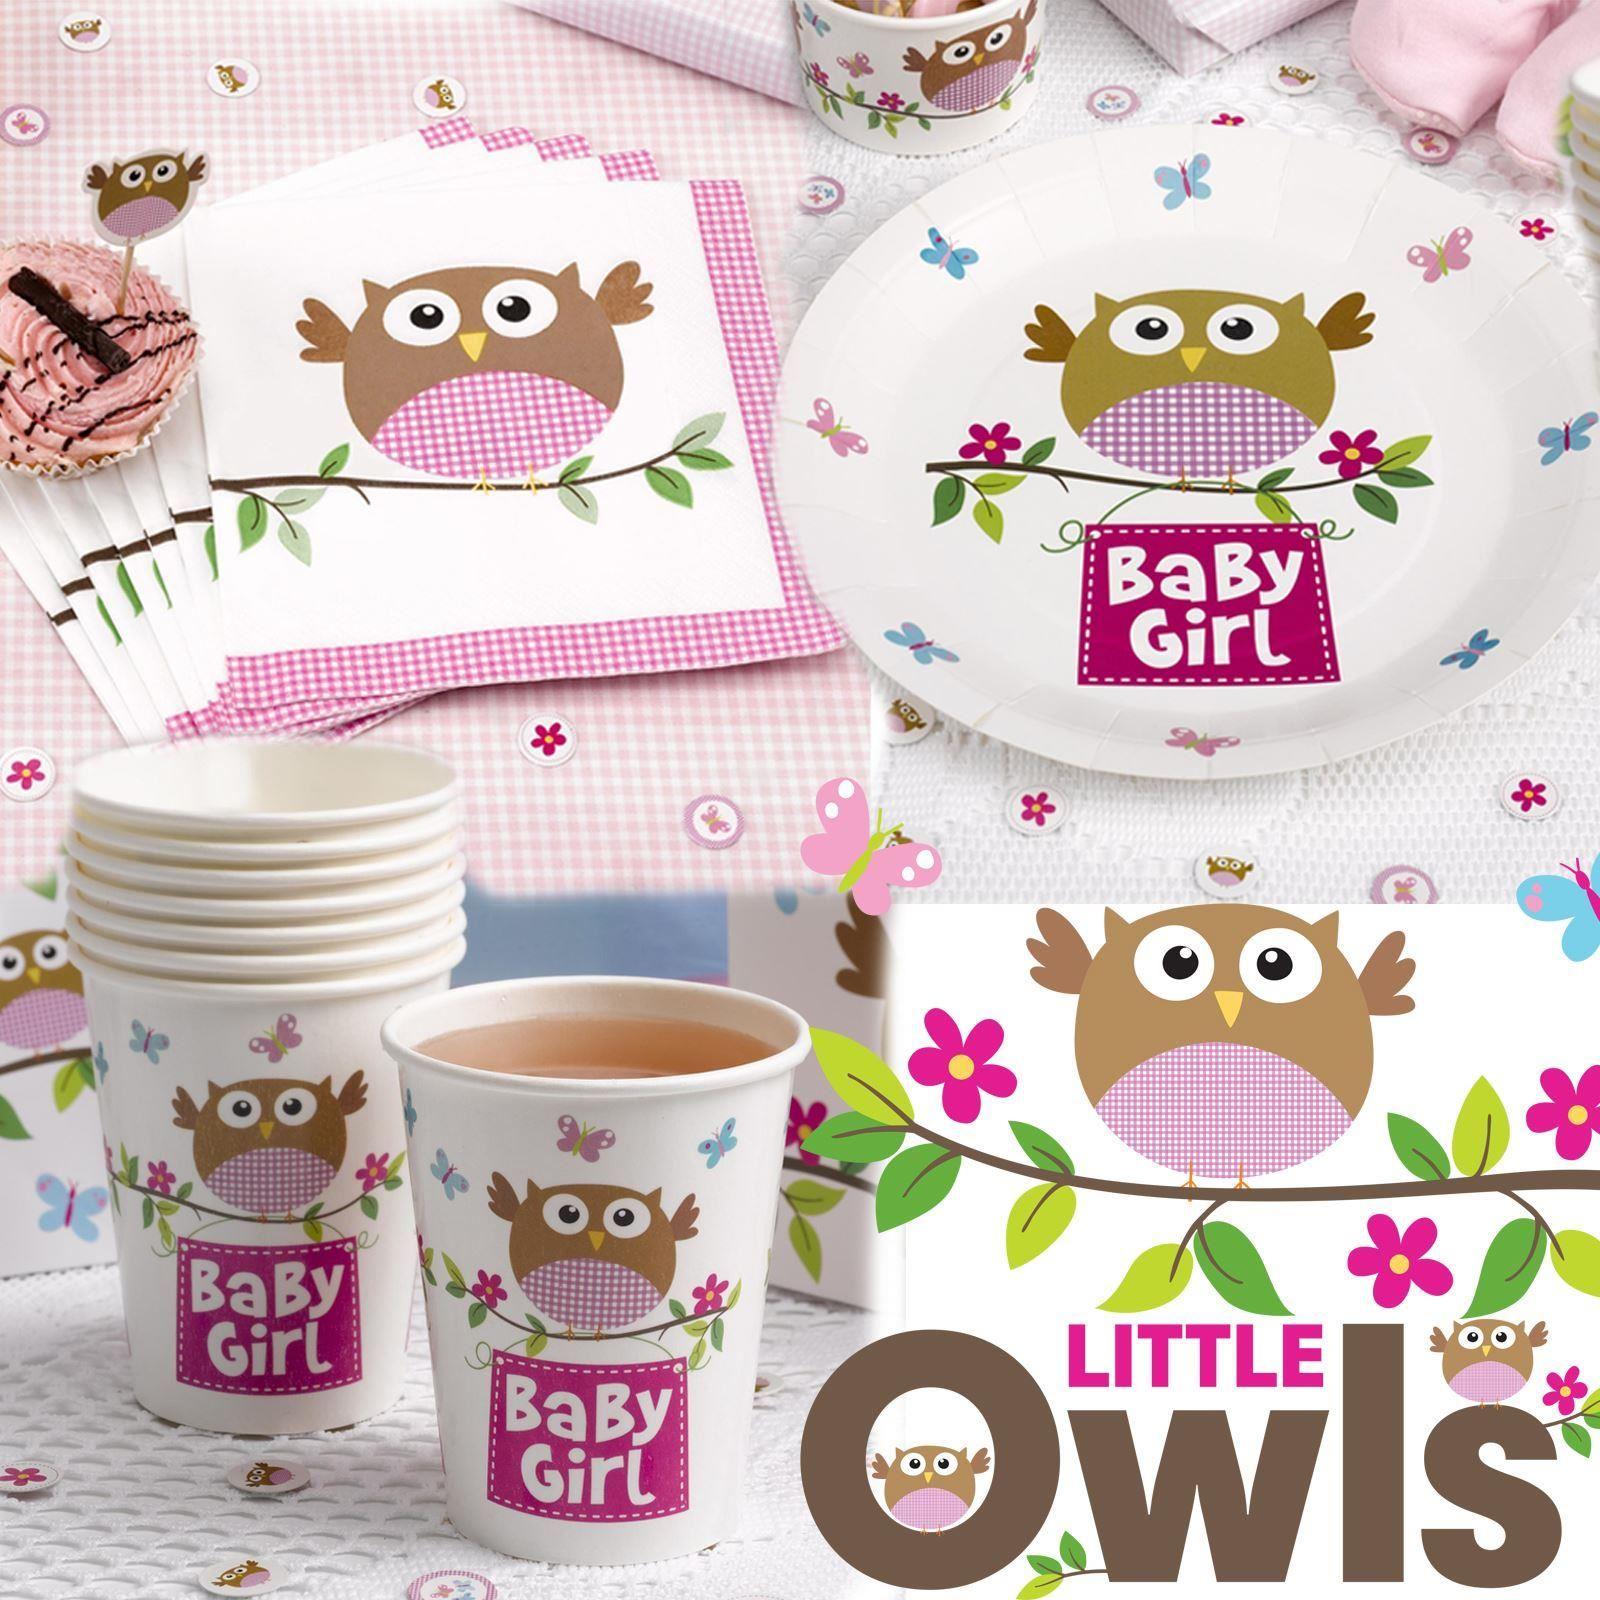 kleine eule partyartikel baby taufe geburtstag set teller servietten tassen ebay. Black Bedroom Furniture Sets. Home Design Ideas